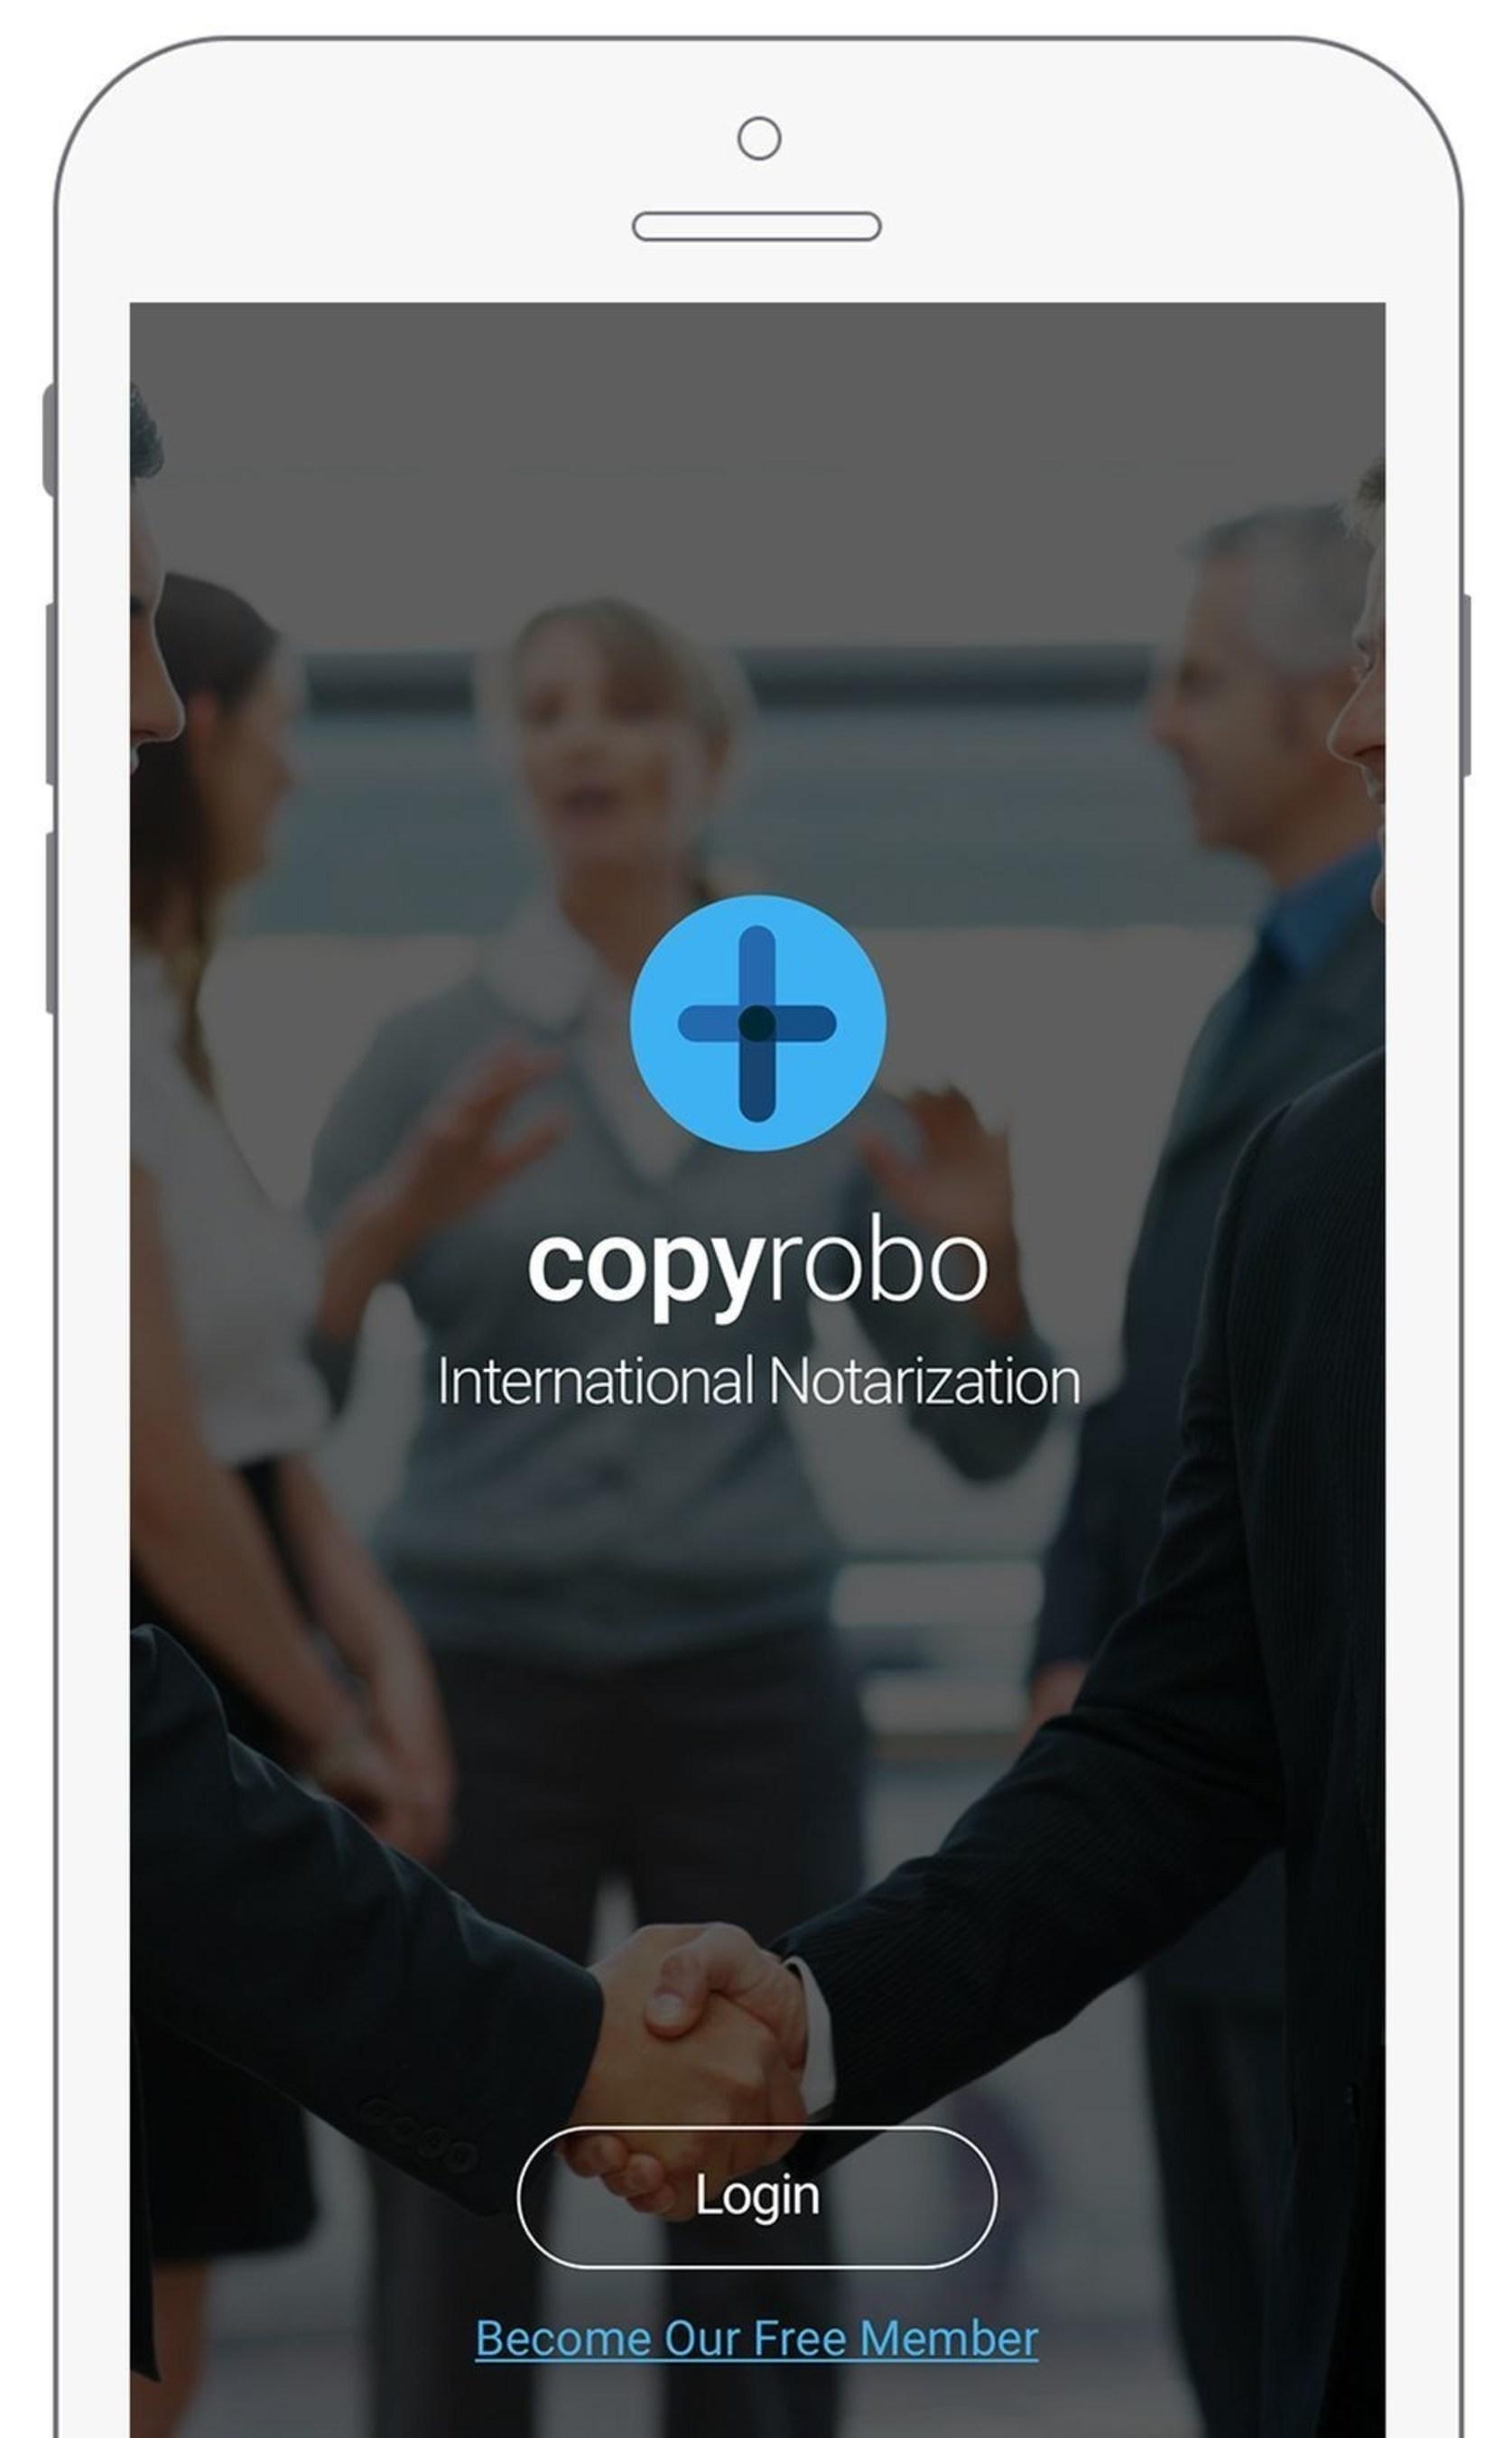 Copyrobo Introduces a New Generation Copyright Service That Conforms to New EU Regulation eiDAS